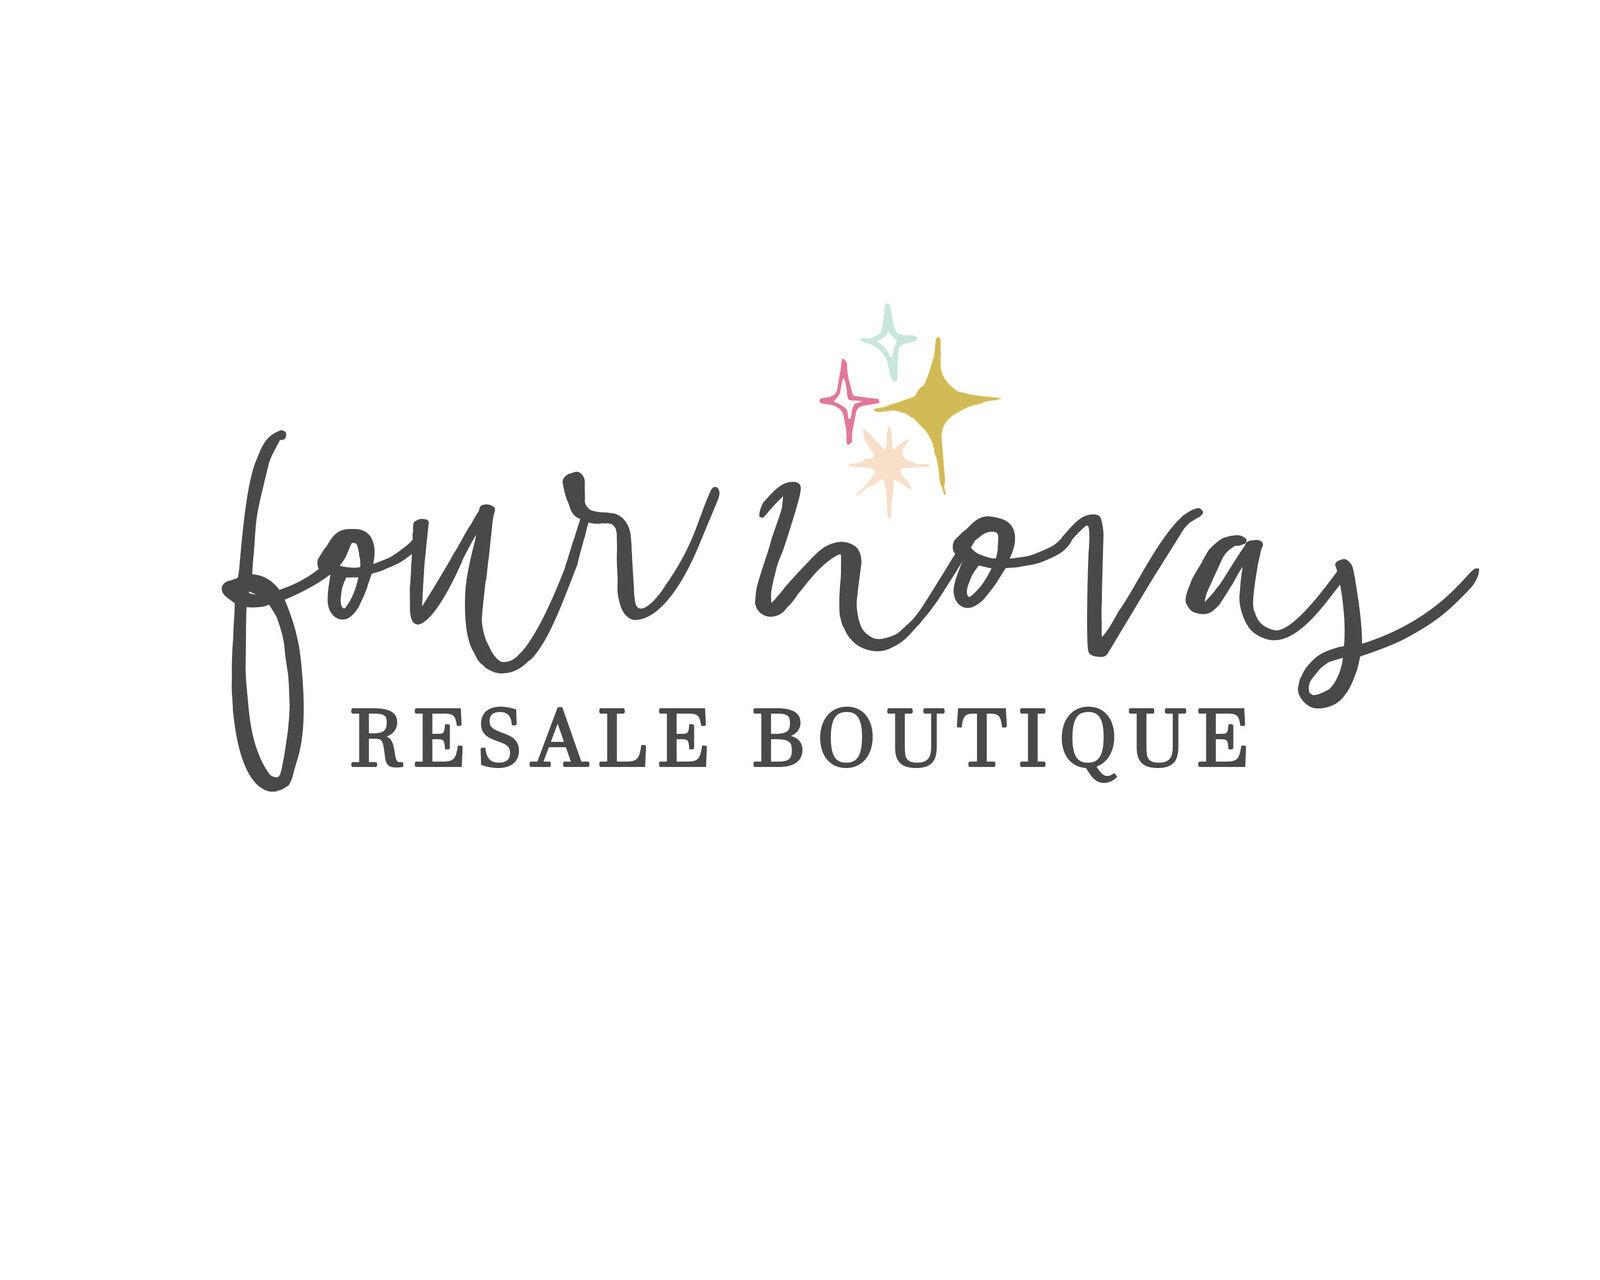 Four Novas Resale Boutique